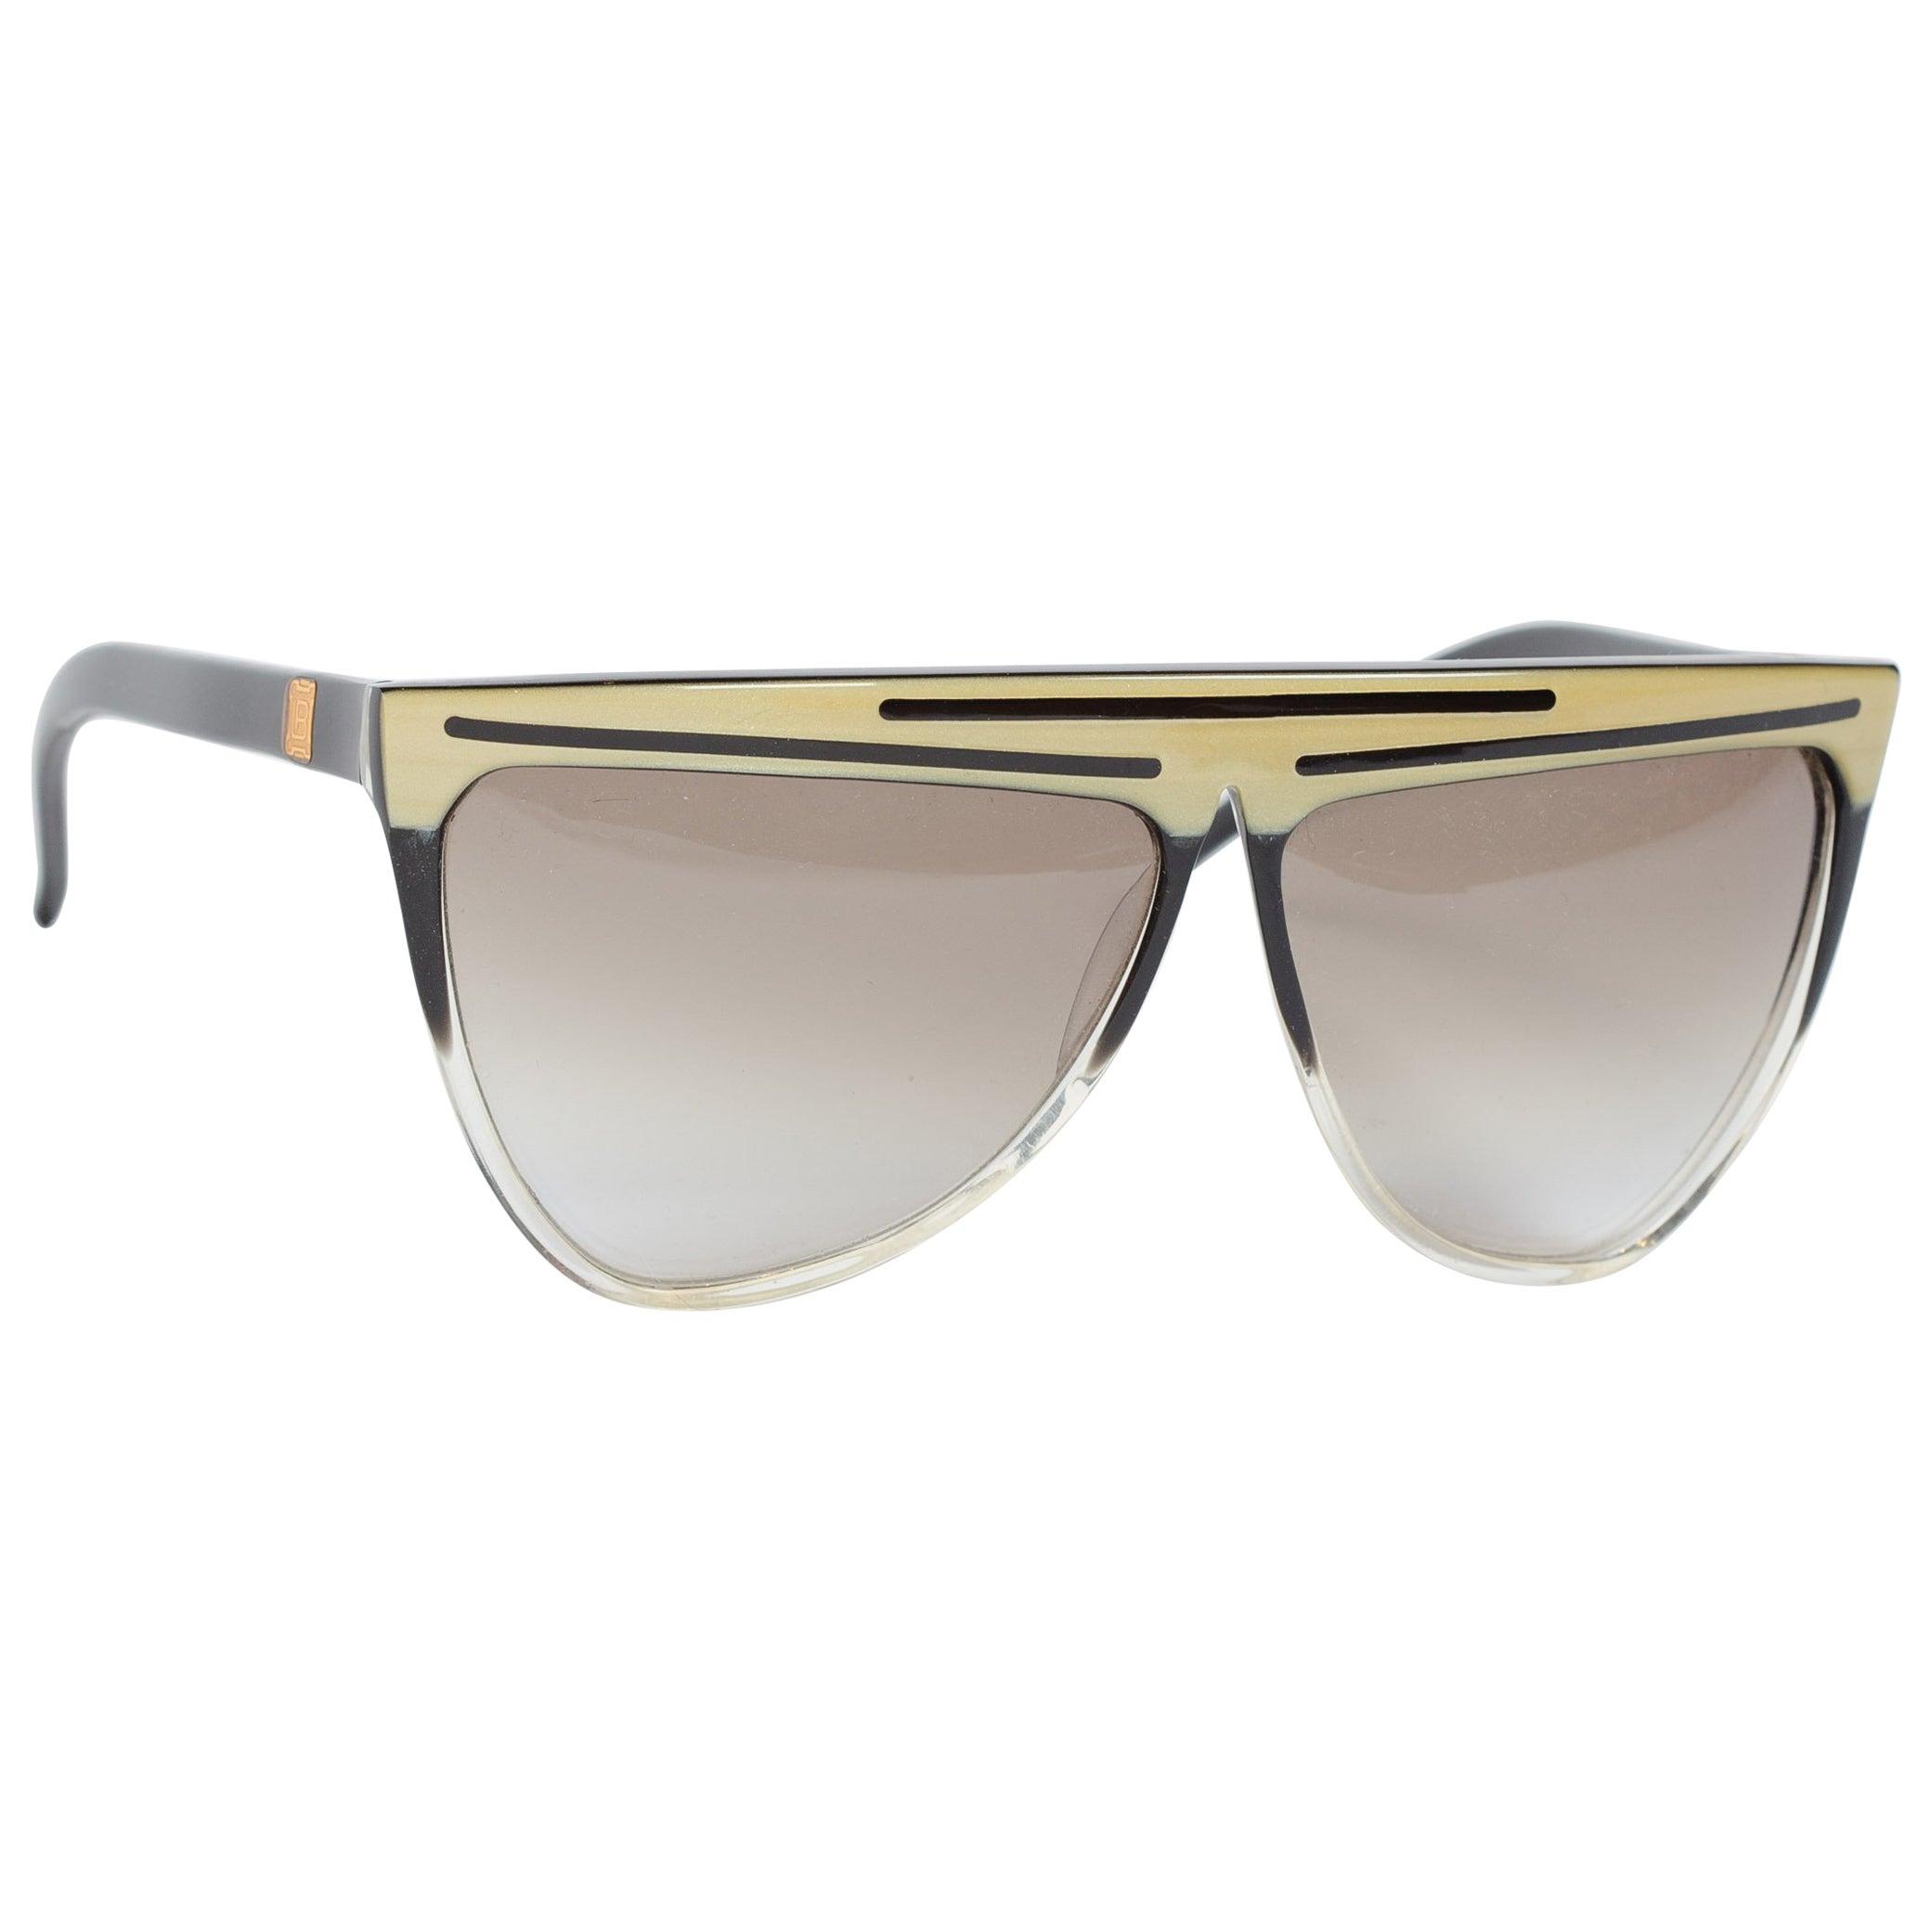 1980S Laura Biagiotti Ombre Italian Sunglasses